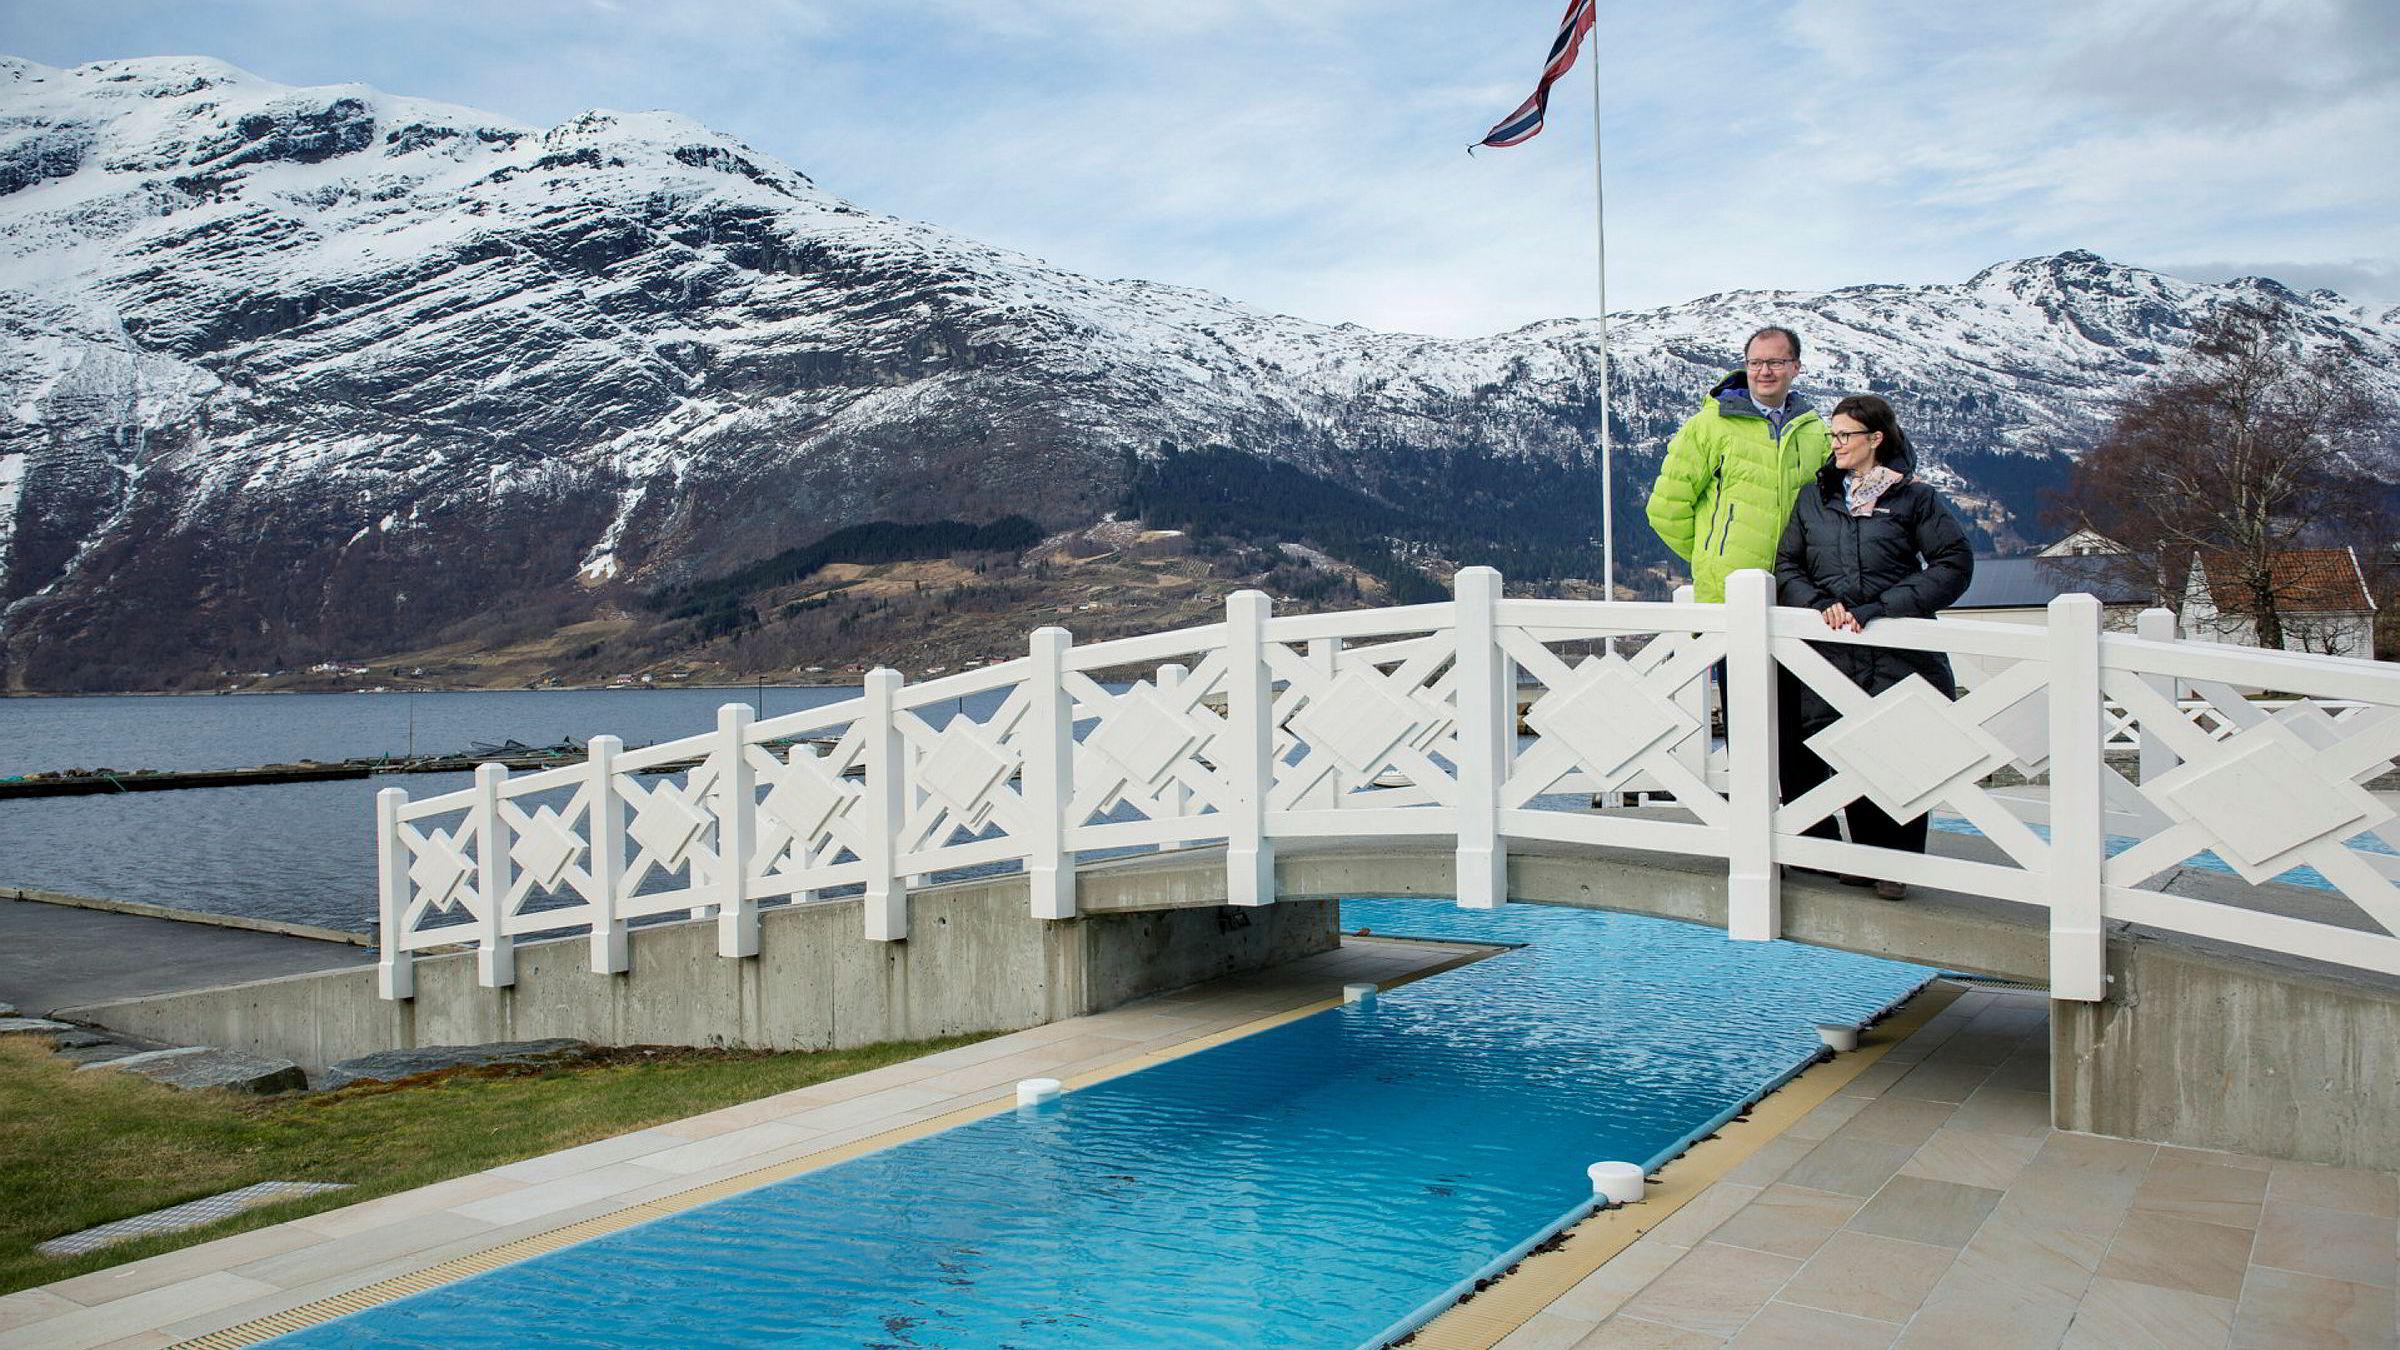 Barbara Zanoni Utne og ektemannen Hans Edmund Utne på Hotel Ullensvang på Lofthus i Hardanger kaster ut de store nettreisegigantene.